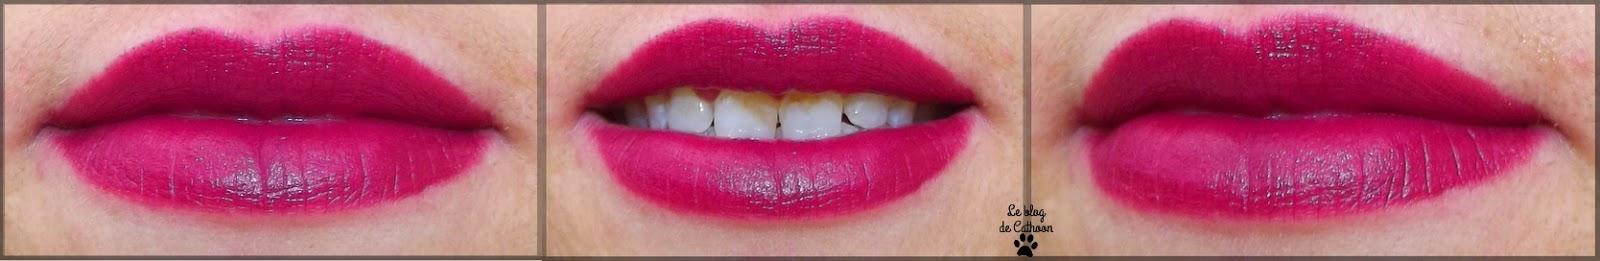 Bourjois - Rouge Edition Velvet - 14 Plum Plum Girl